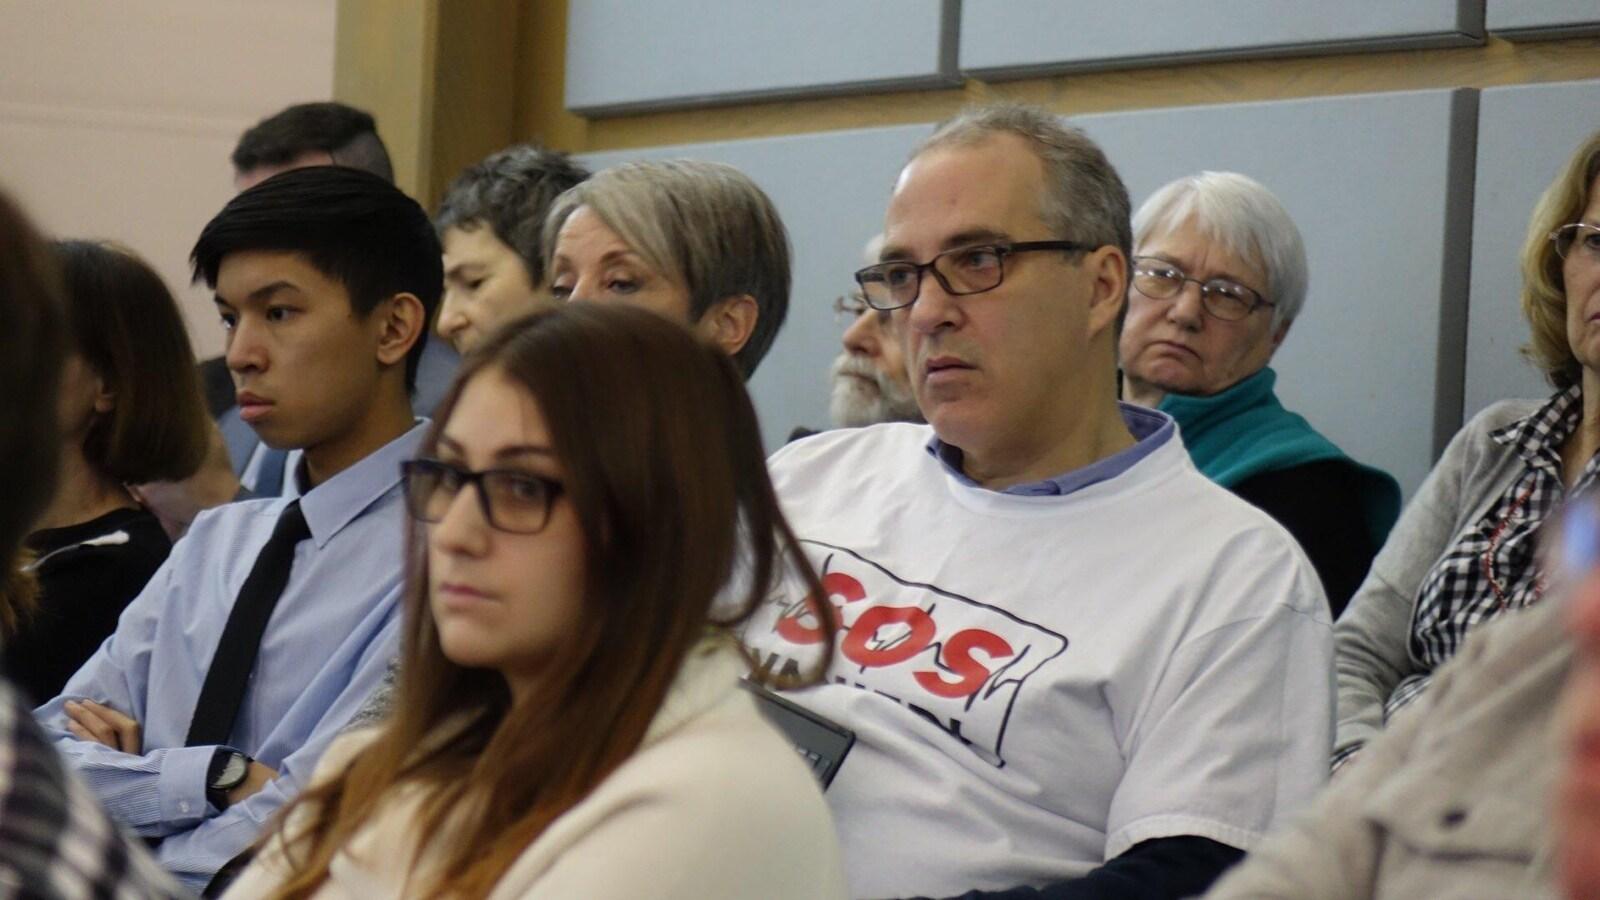 L'homme est assis dans une salle, entouré d'autres personnes et écoute.